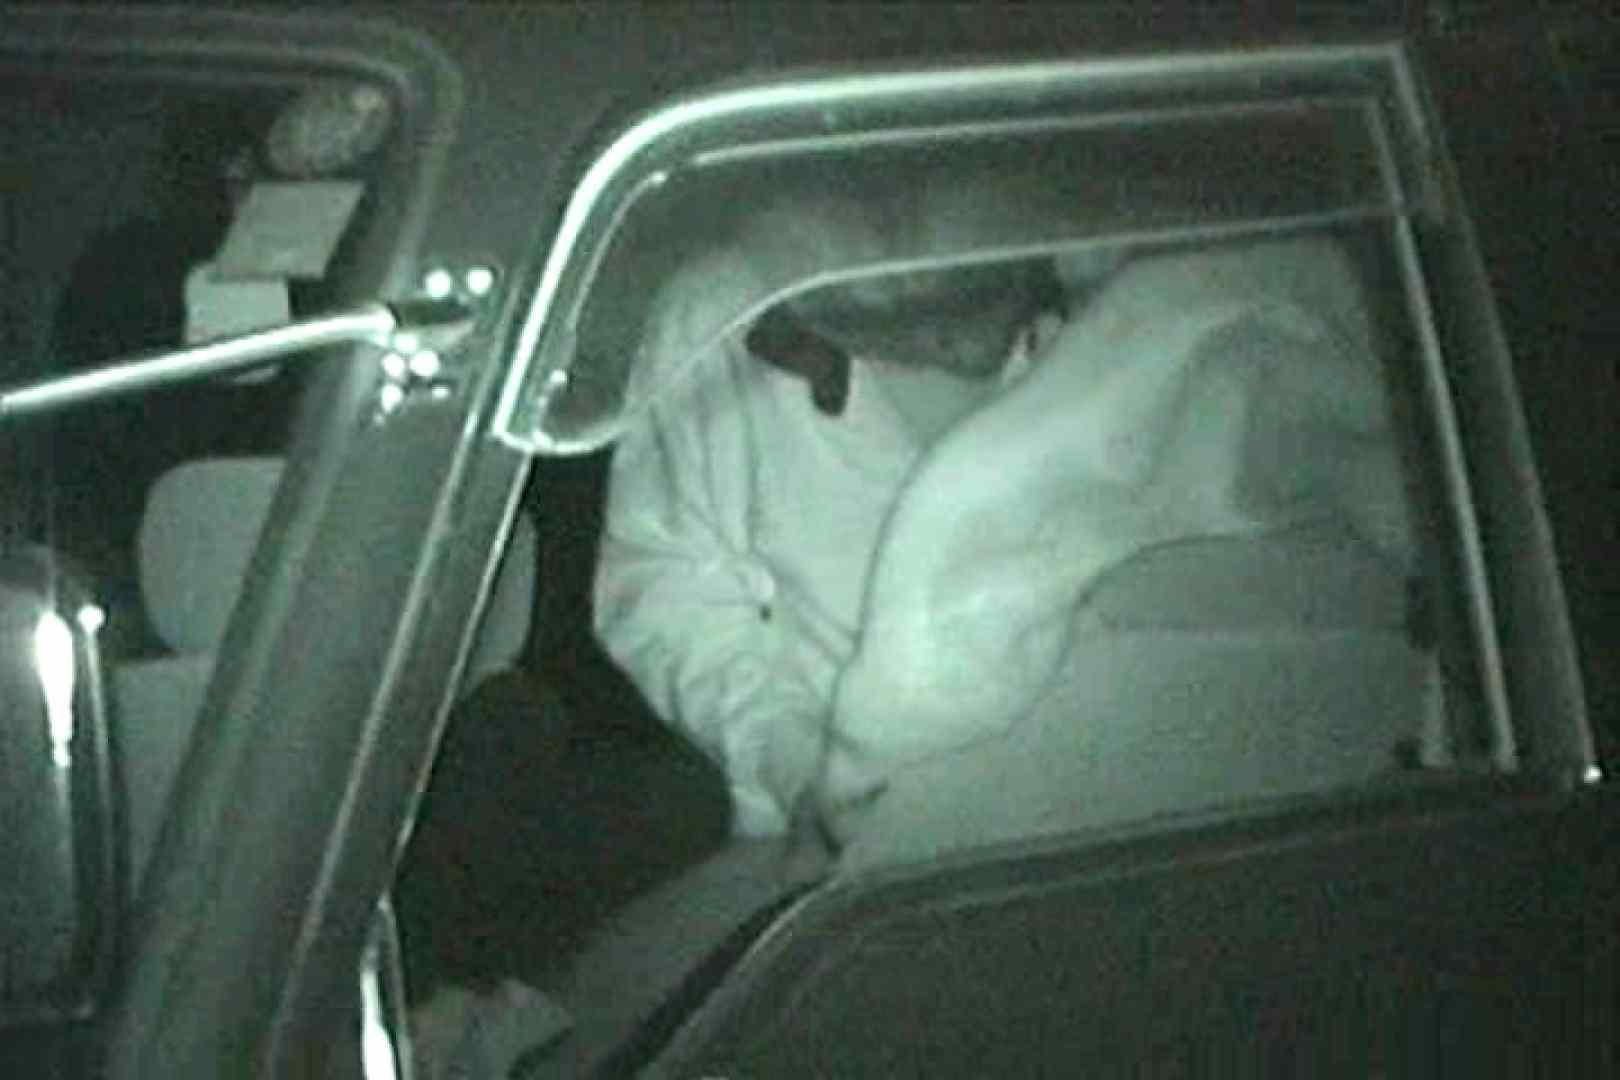 車の中はラブホテル 無修正版  Vol.27 マンコ 濡れ場動画紹介 58画像 36